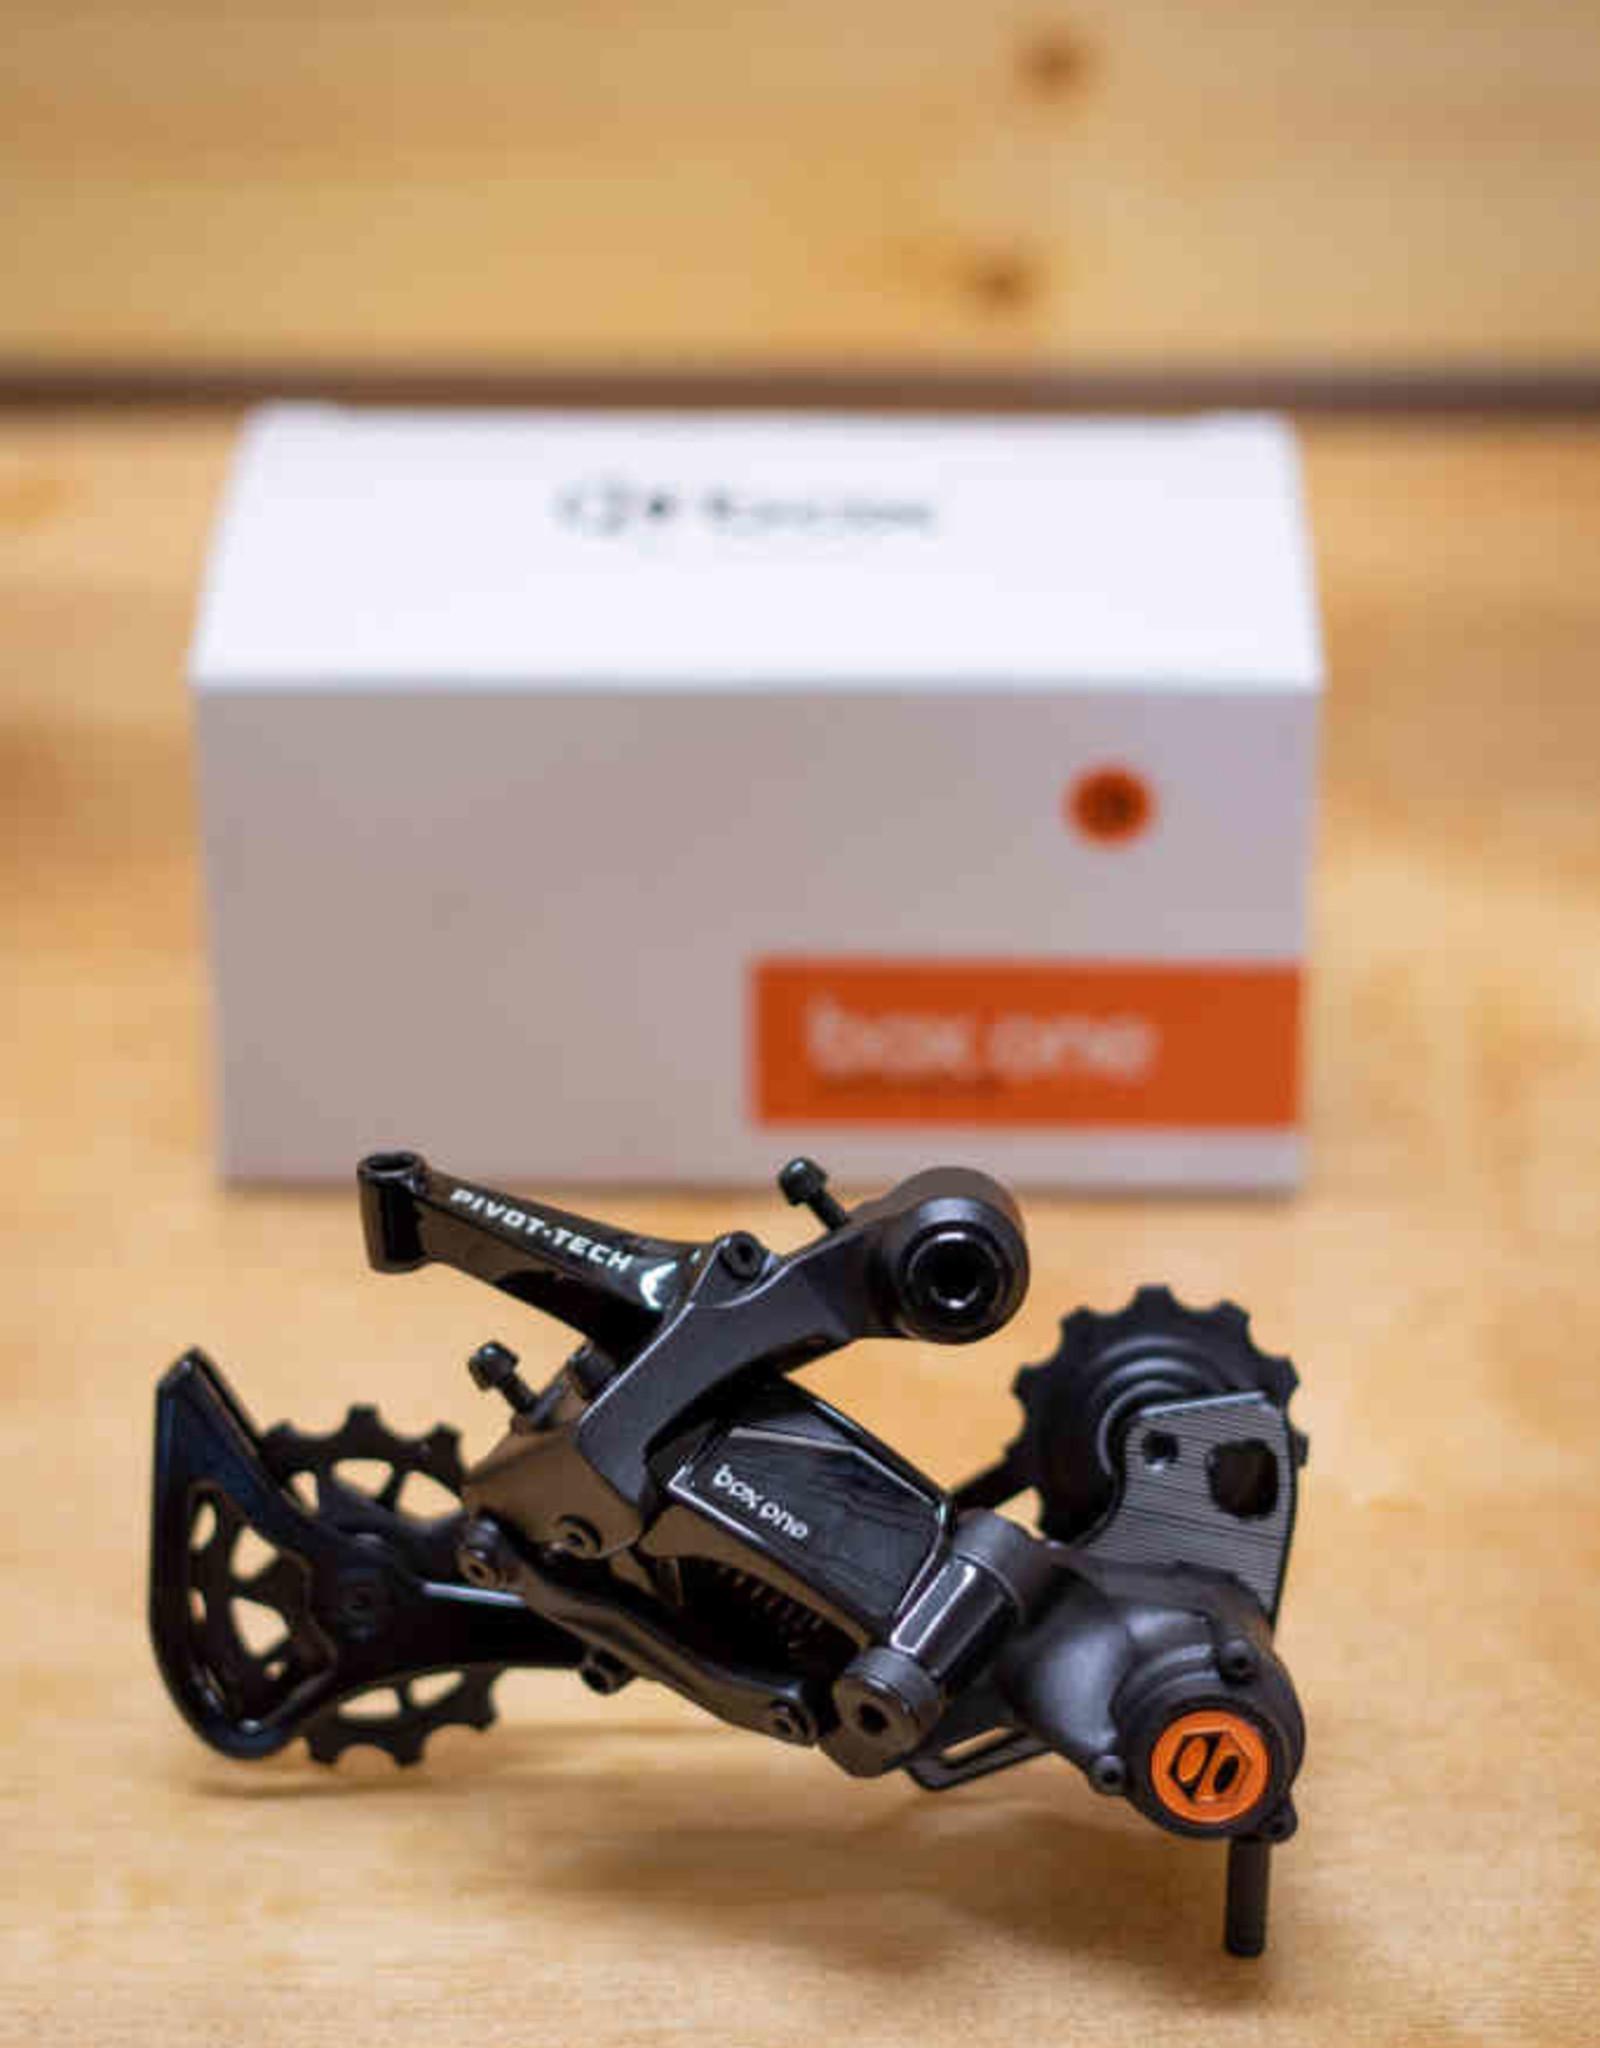 BC Enduro Build Kit